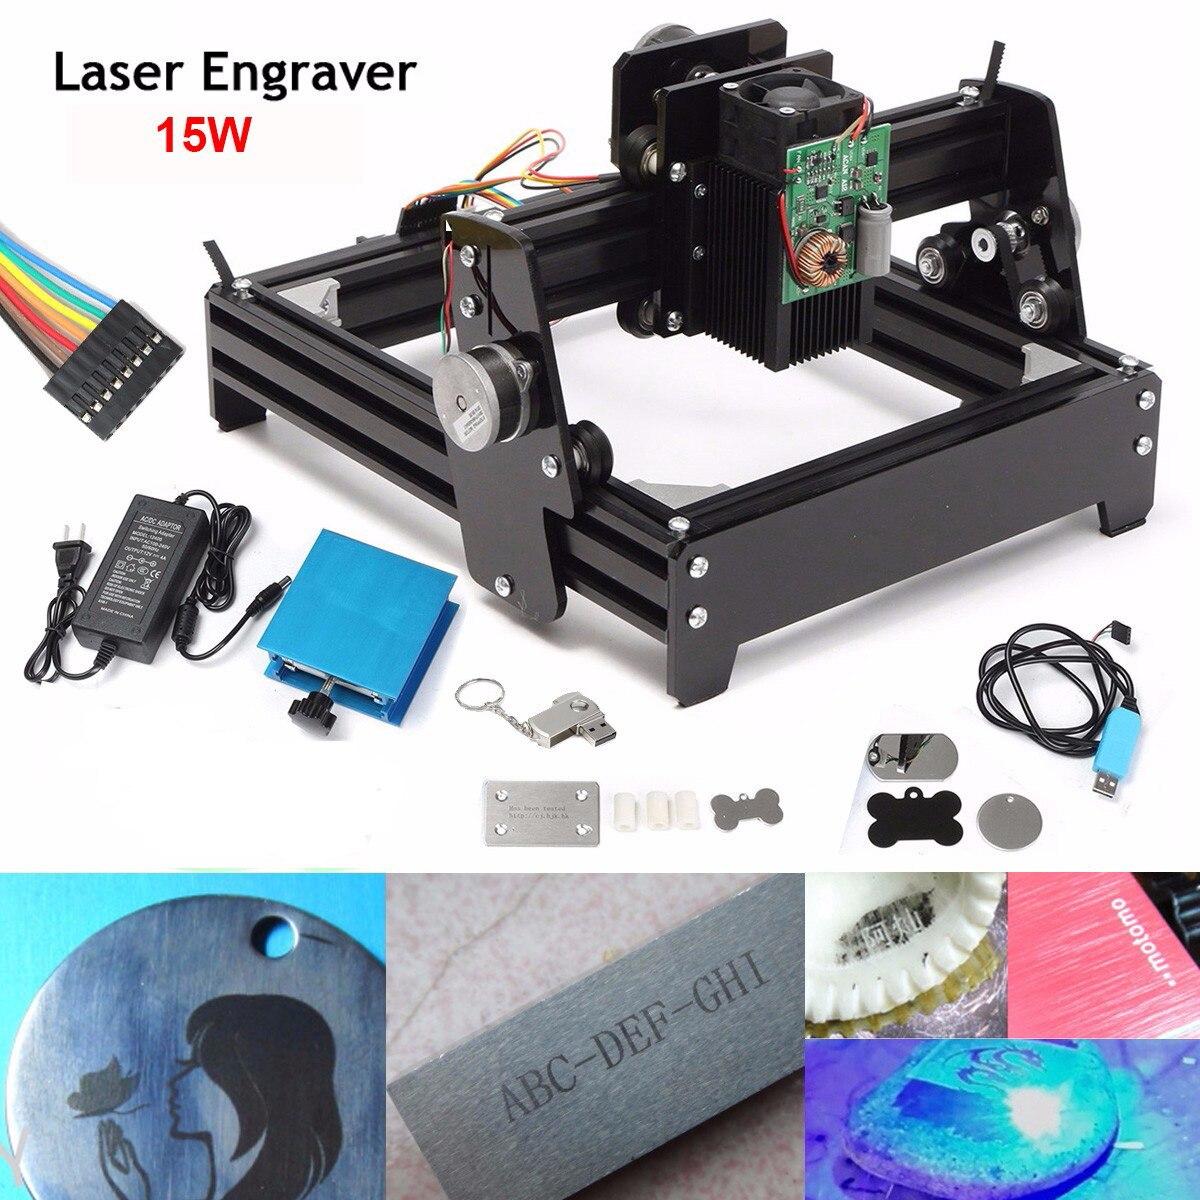 Nova 15 W Laser COMO-5 USB Desktop 15000 mW Laser Gravadora CNC DIY Máquina Da Marcação Para Metal Pedra área de Gravura Em madeira 14x20 cm